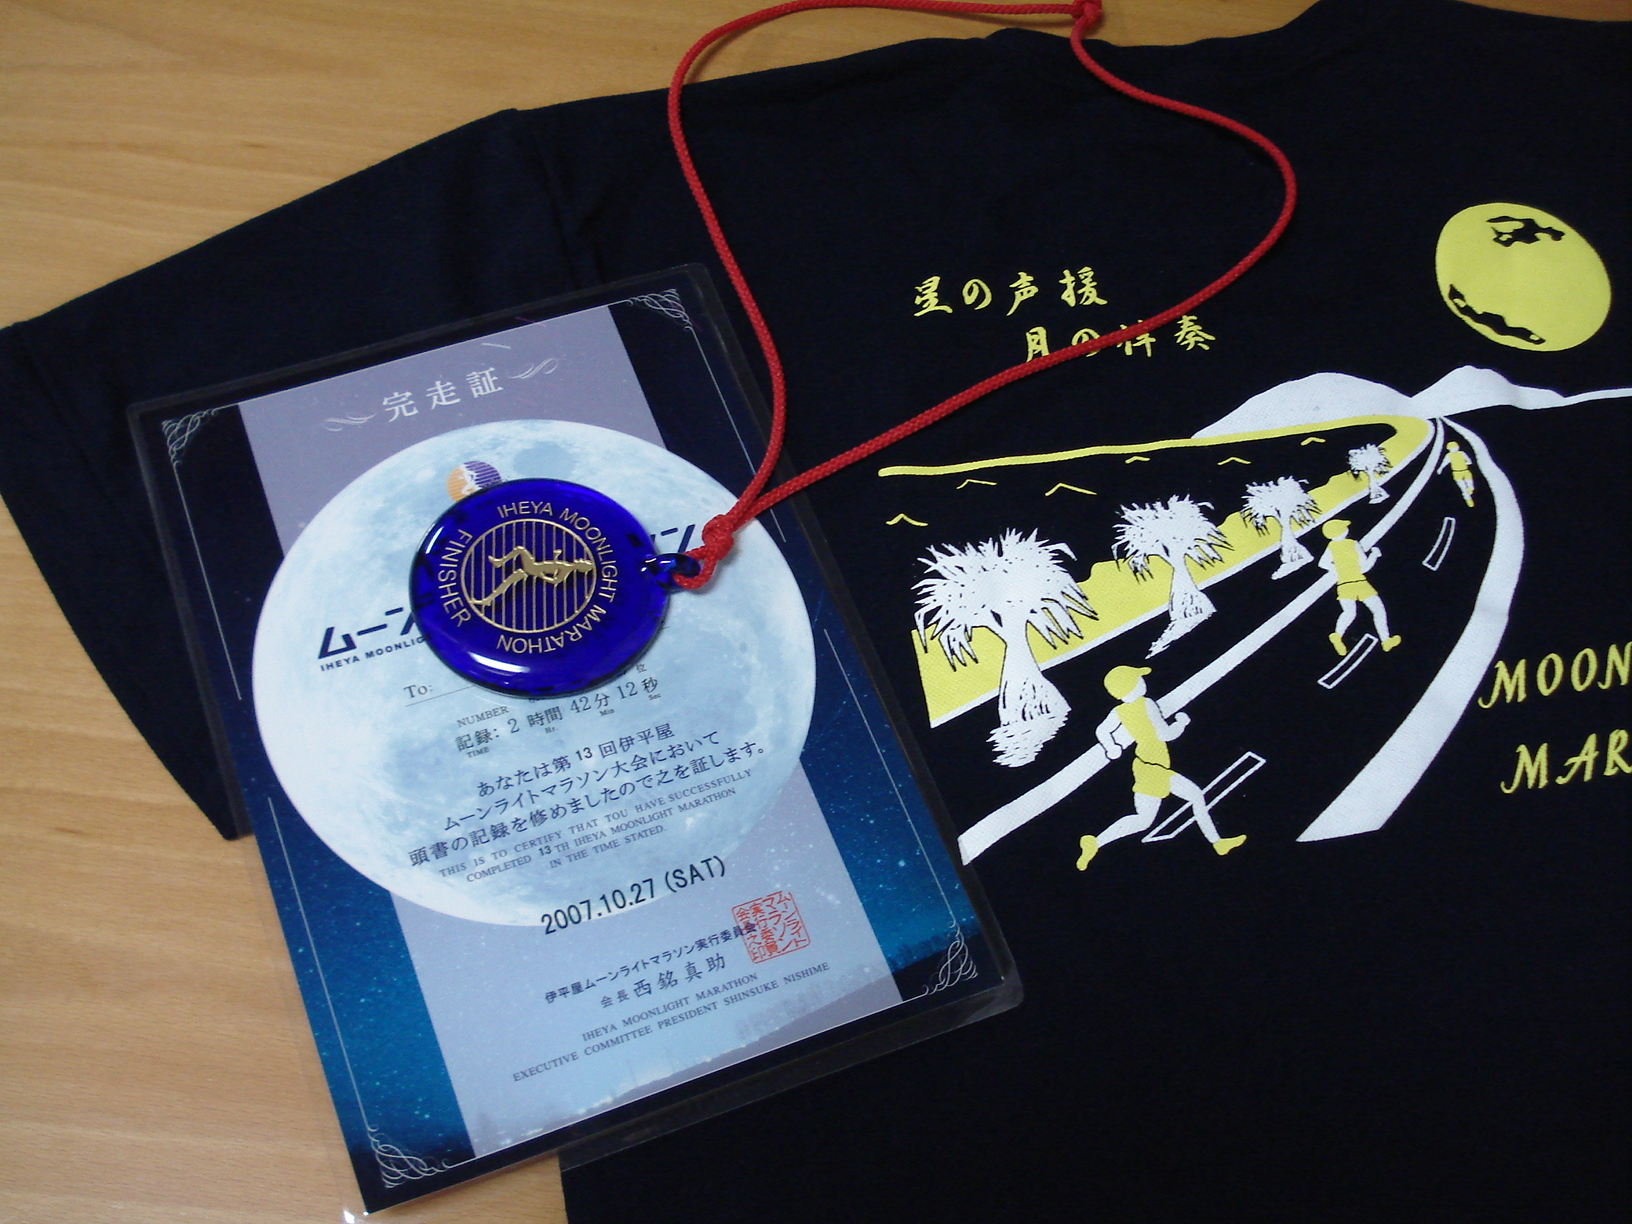 伊平屋 ムーン ライト マラソン